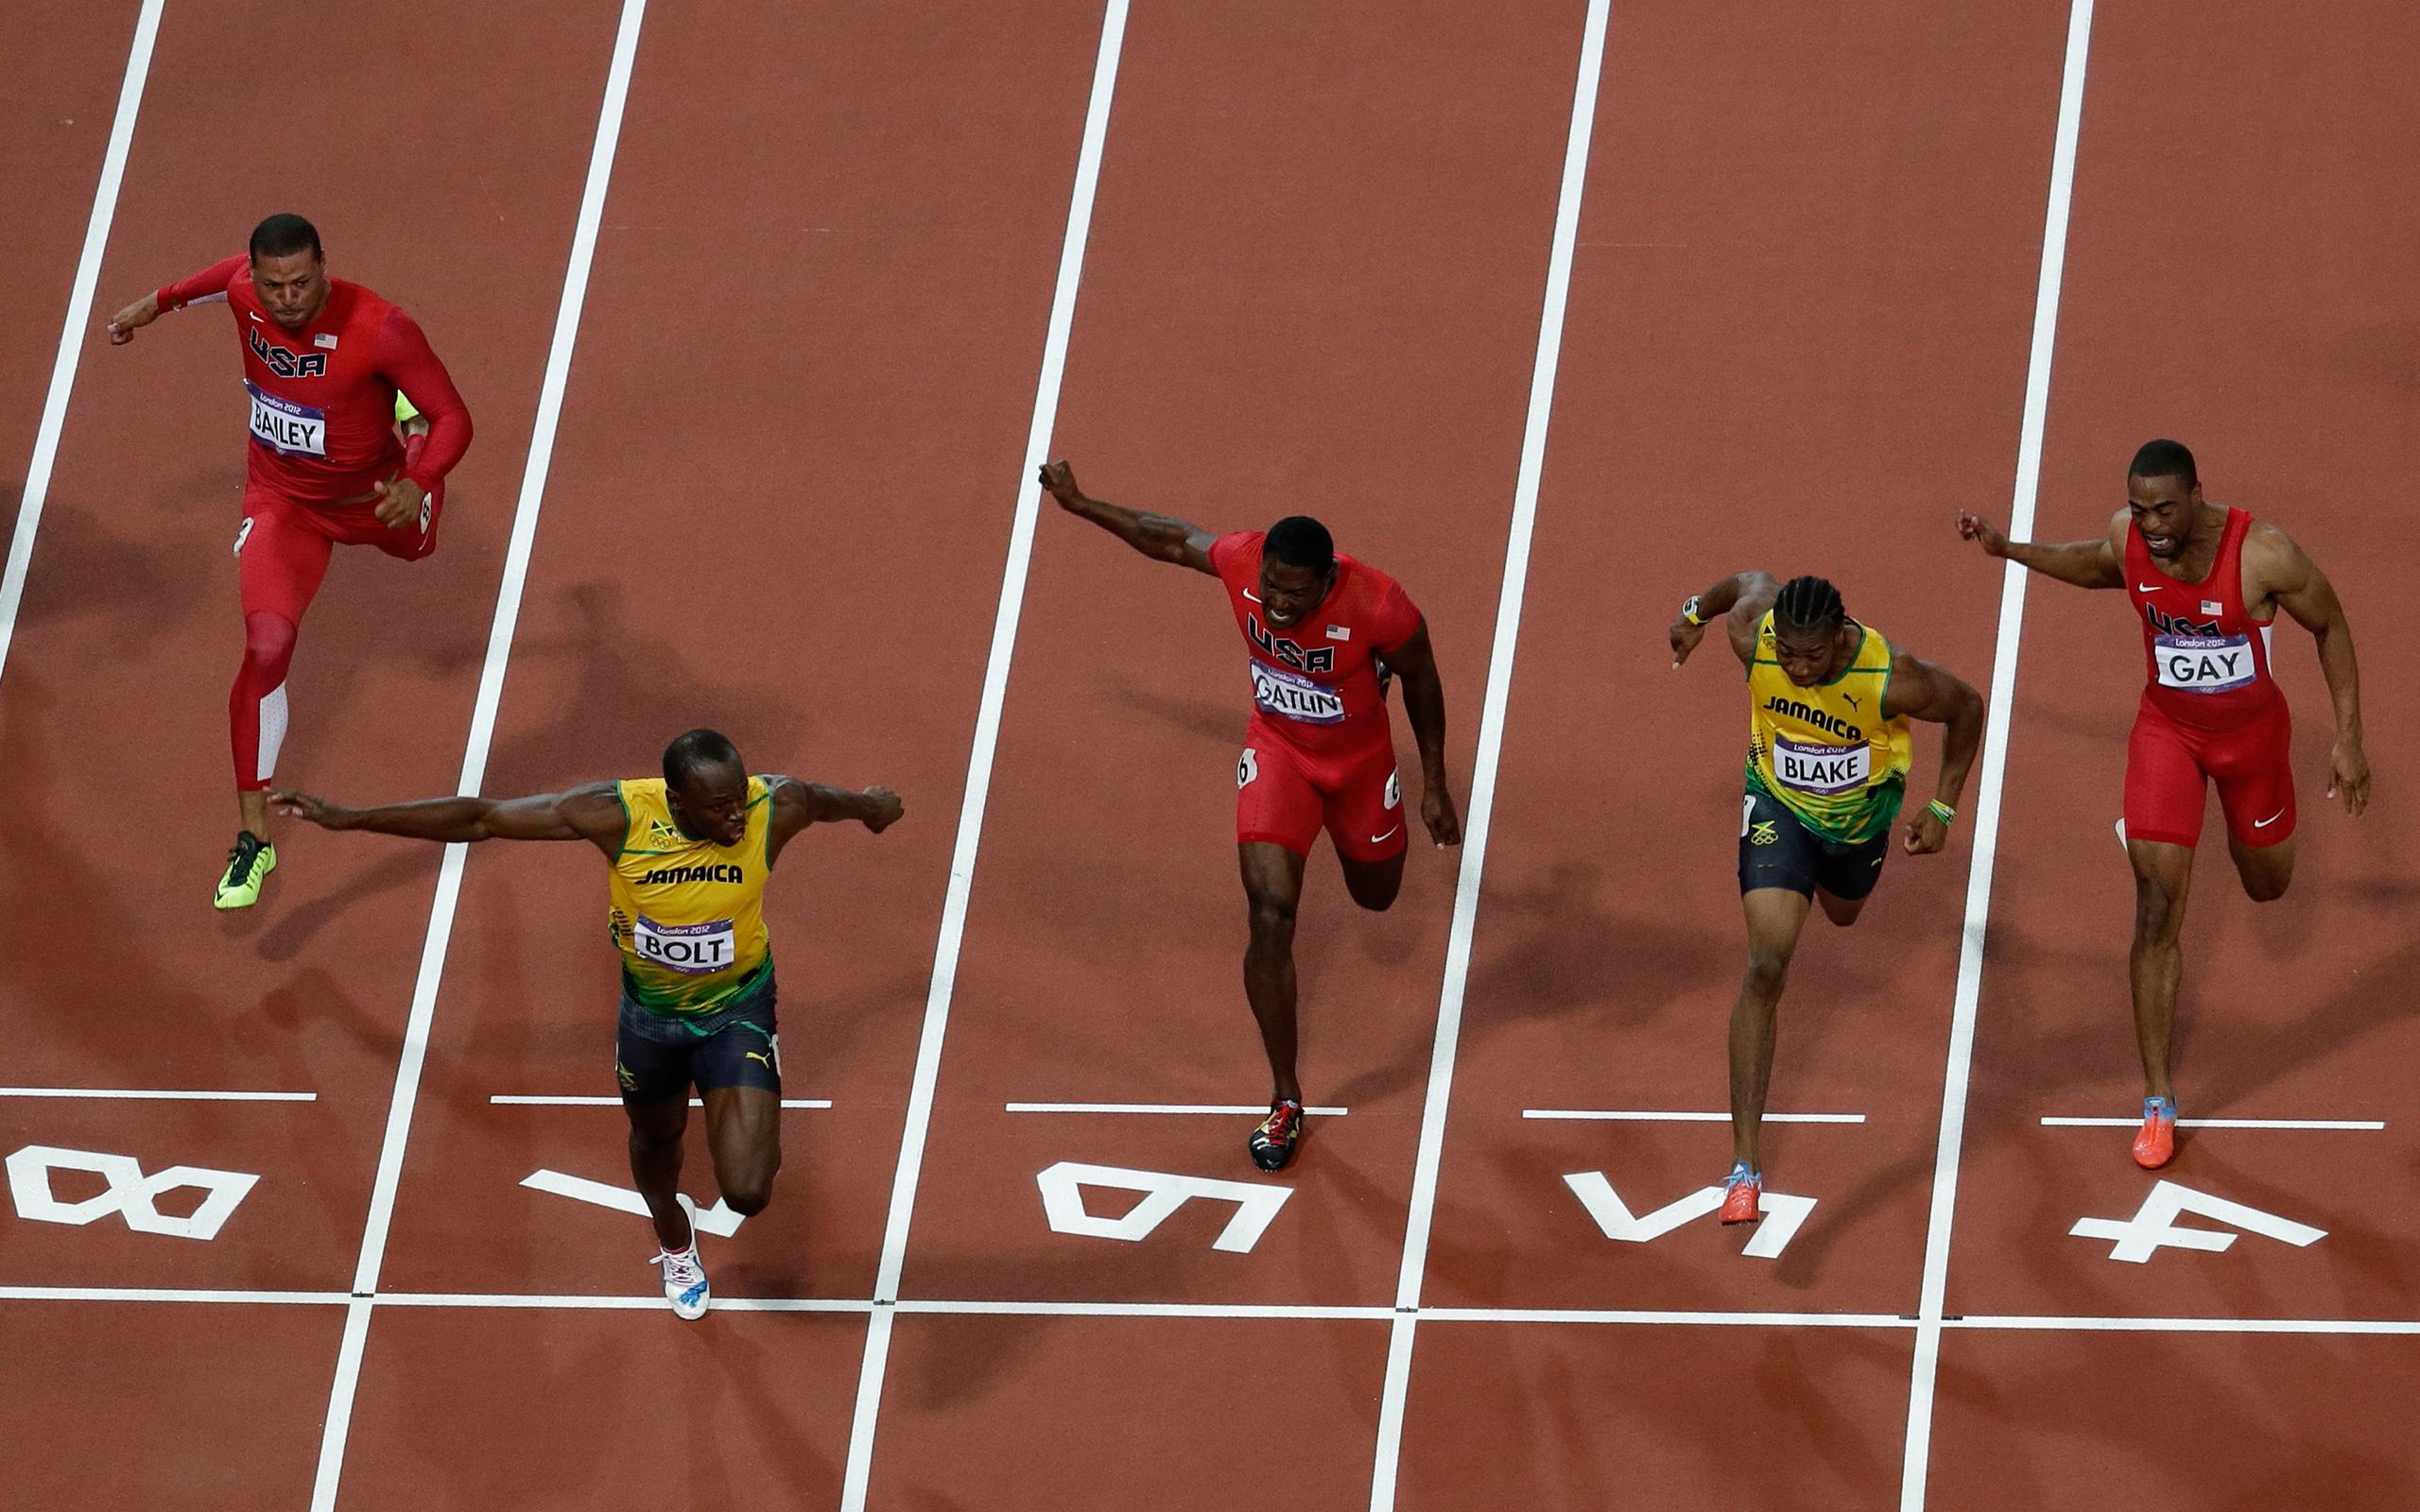 Igrzyska Olimpijskie Londyn Igrzyska Olimpijskie Londyn